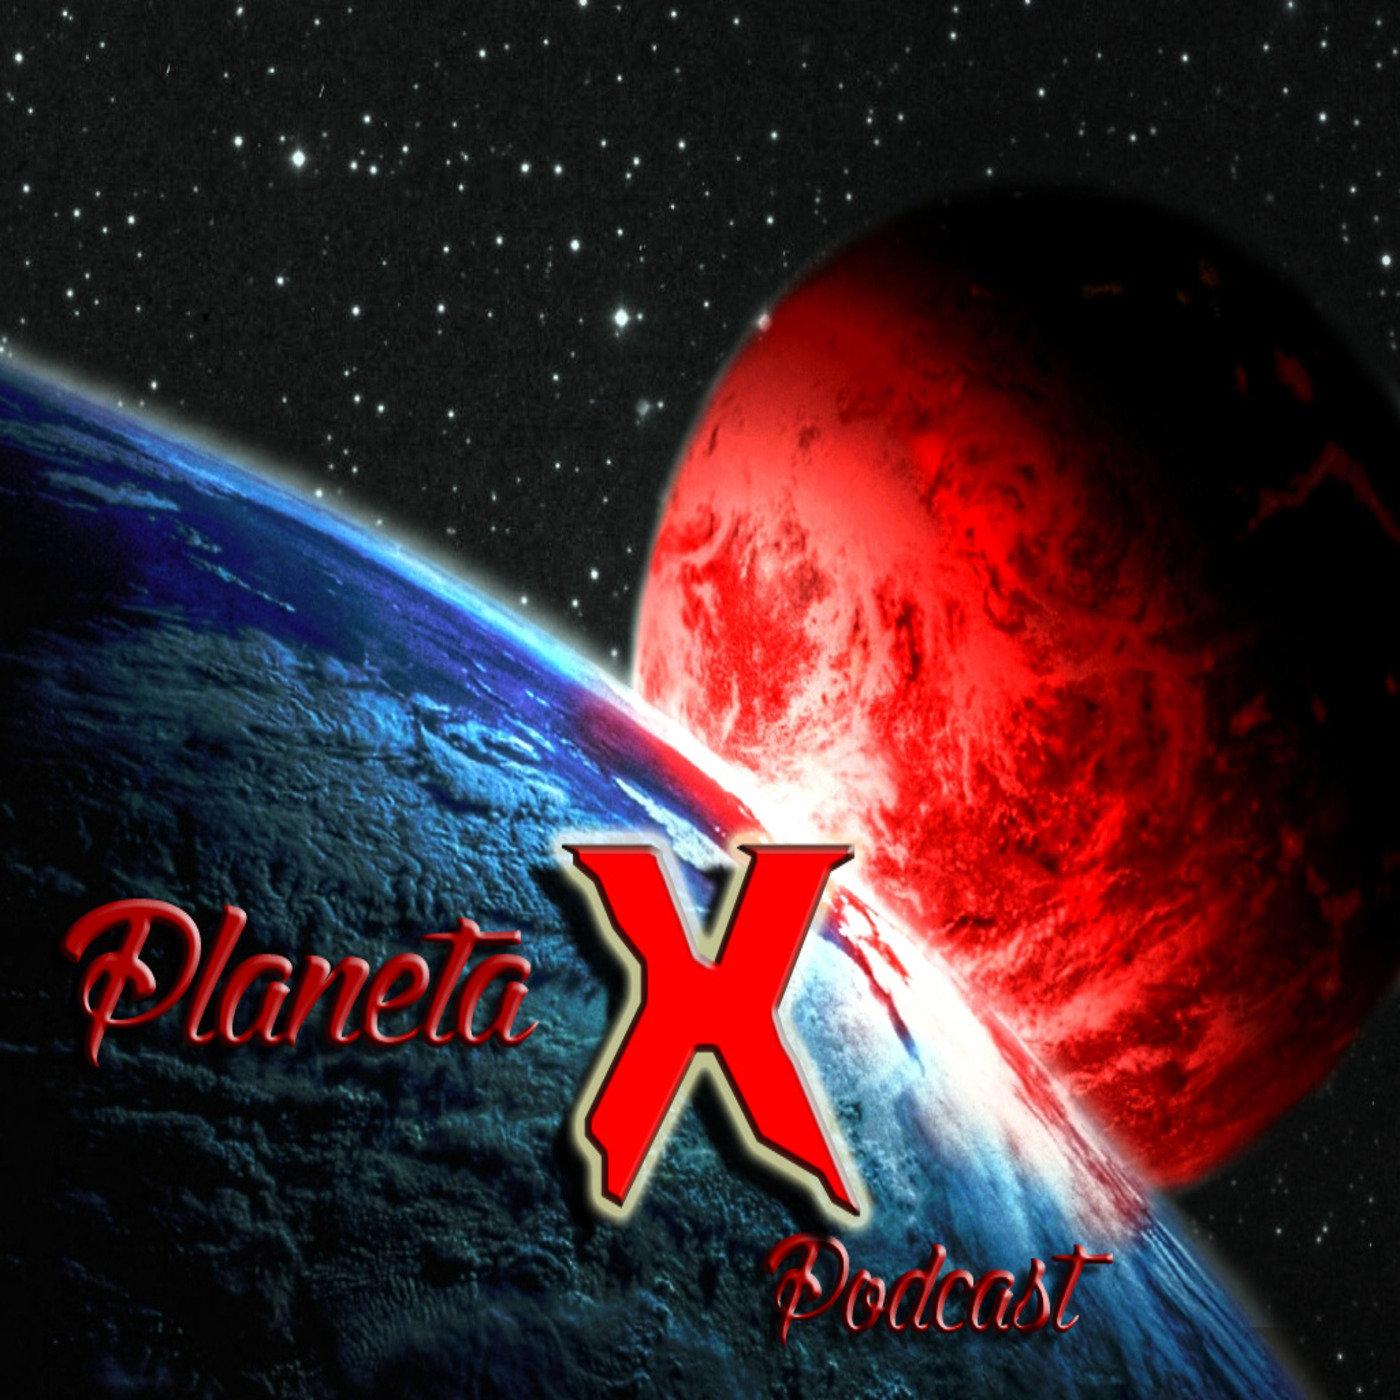 <![CDATA[Podcast de Planetaxpodcast]]>